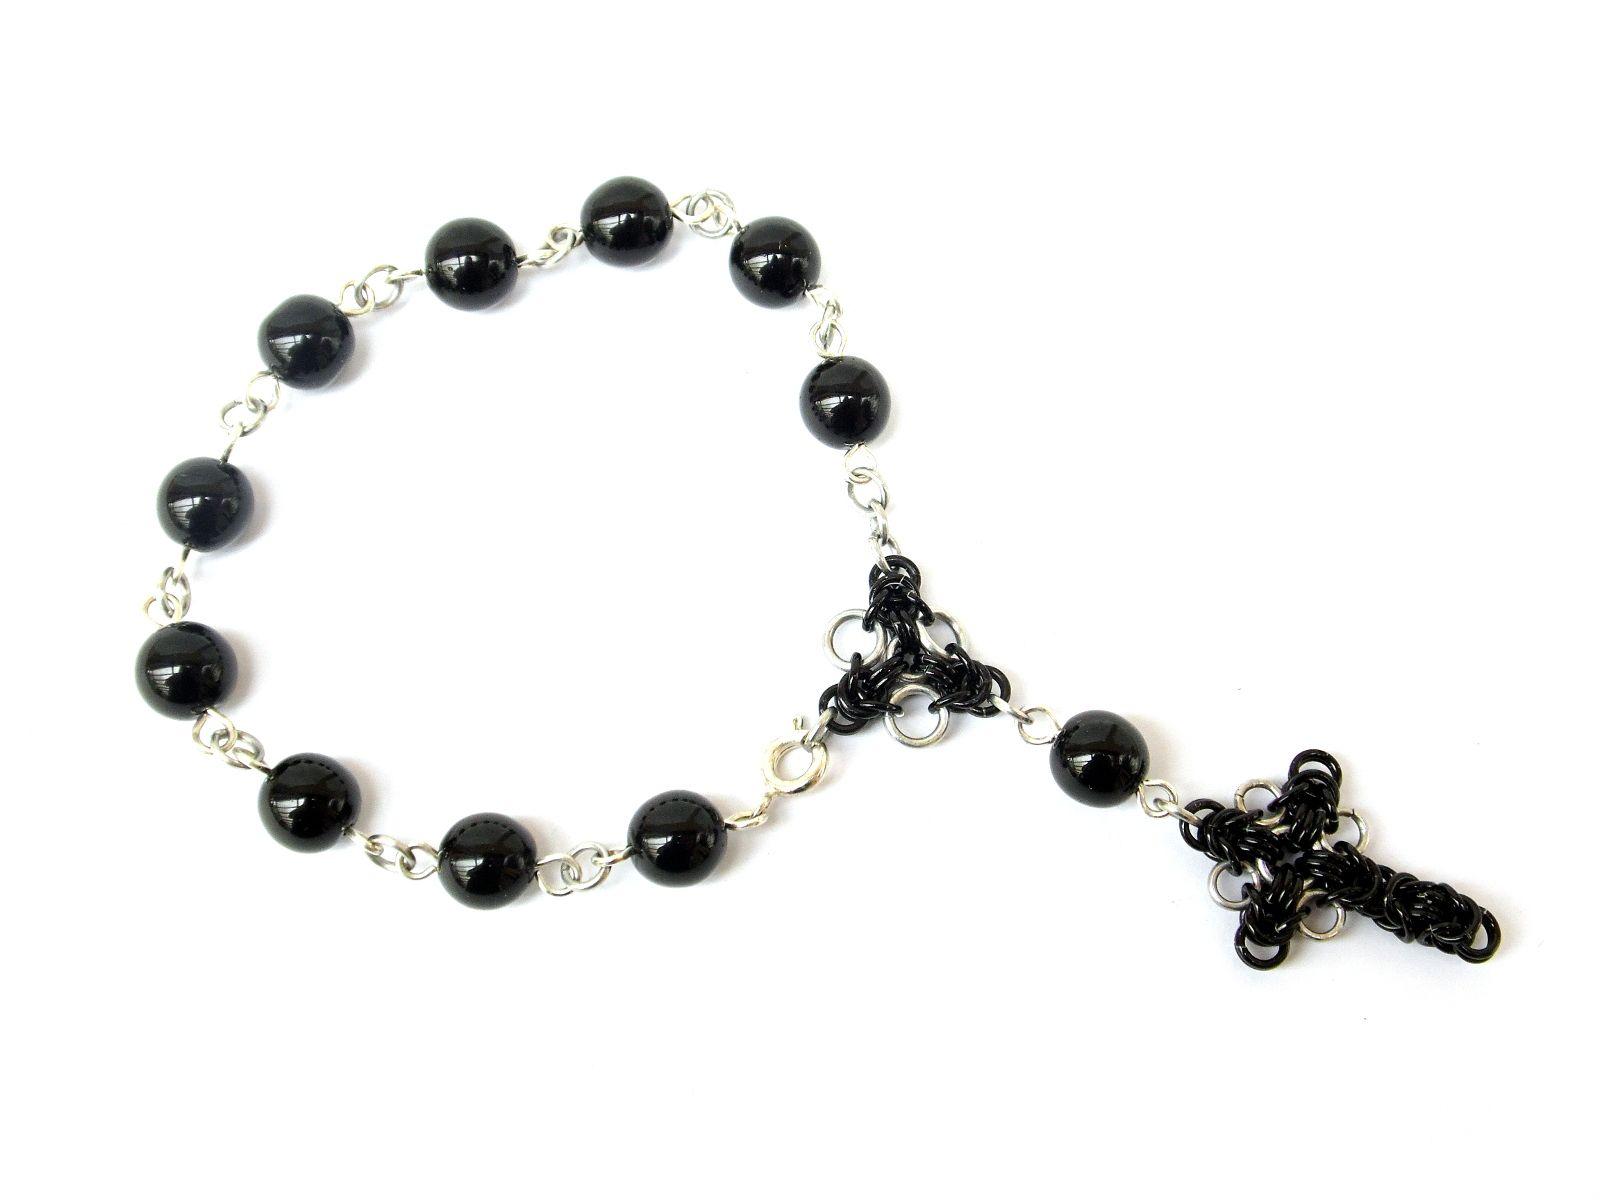 Dziesiątka różańca w formie bransoletki - z black stone z elementami chainmaille